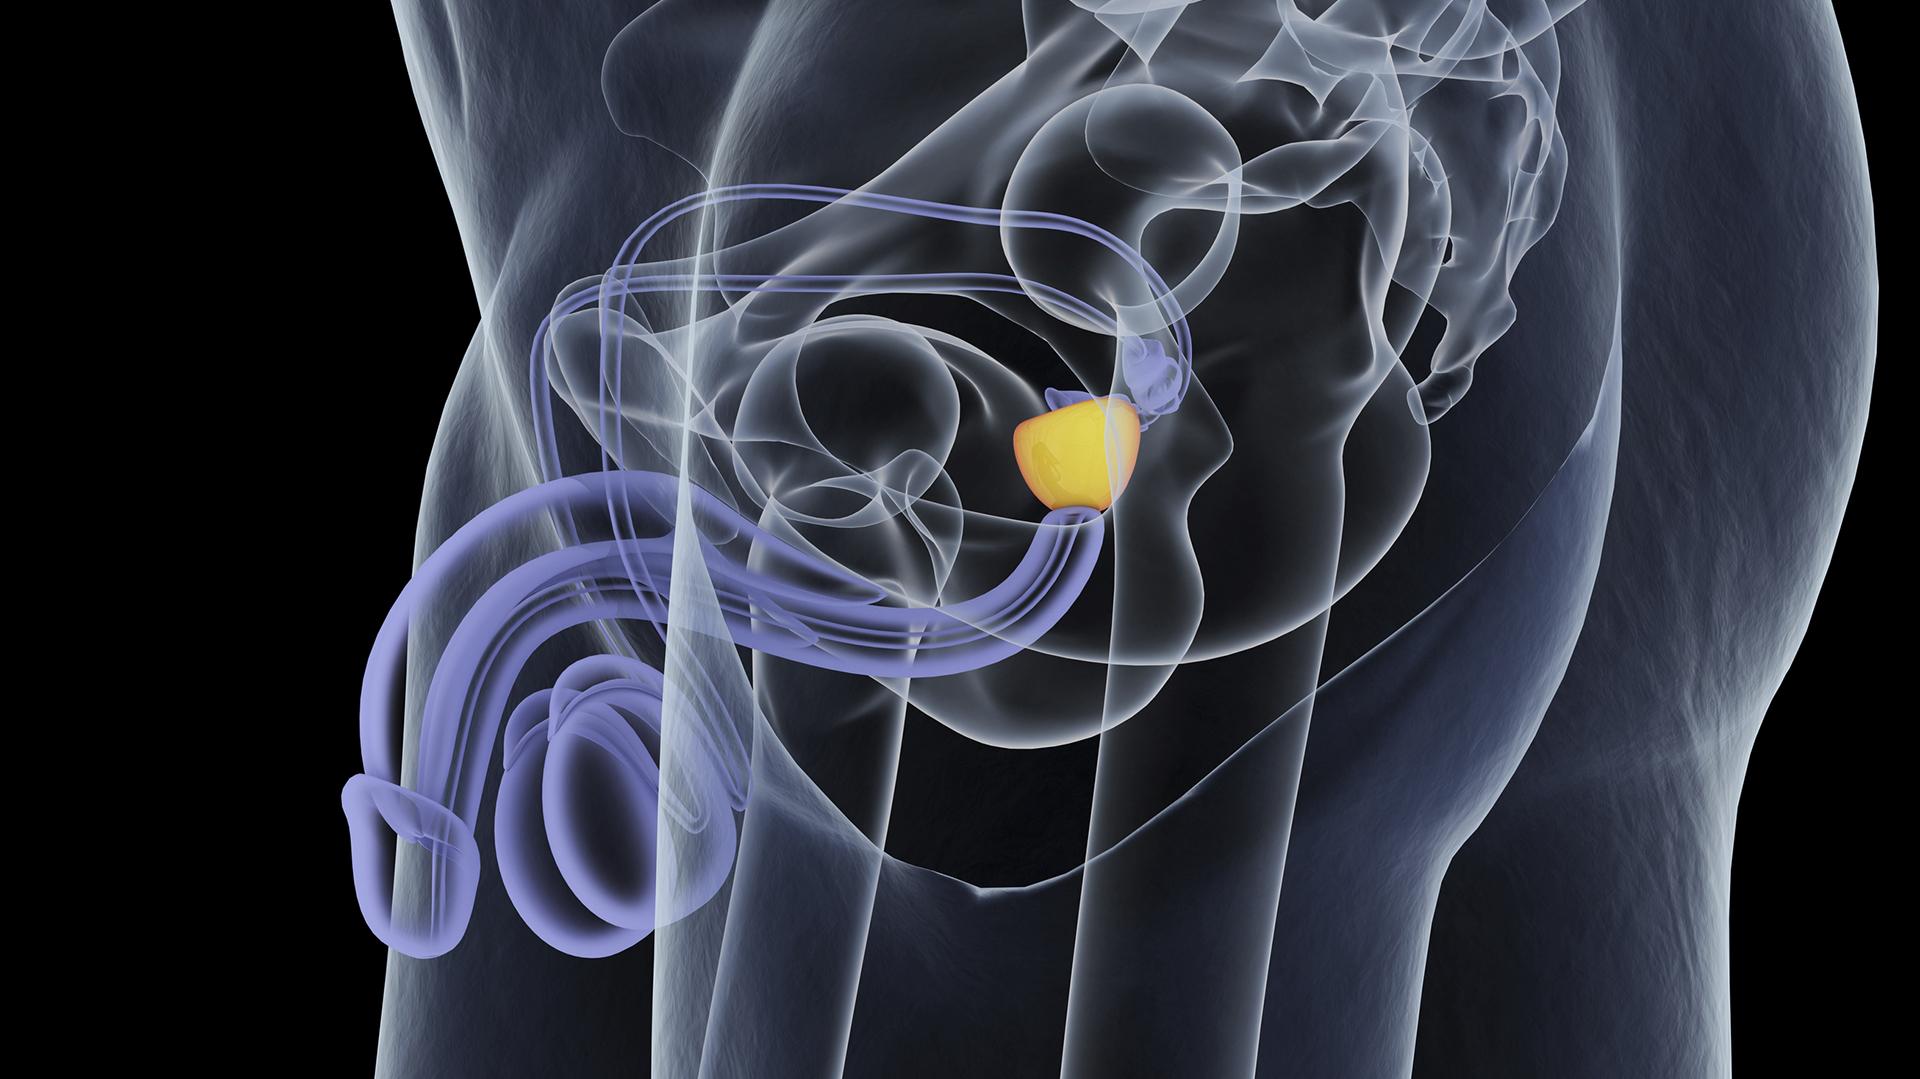 Cáncer de próstata diagnosticado (Getty)